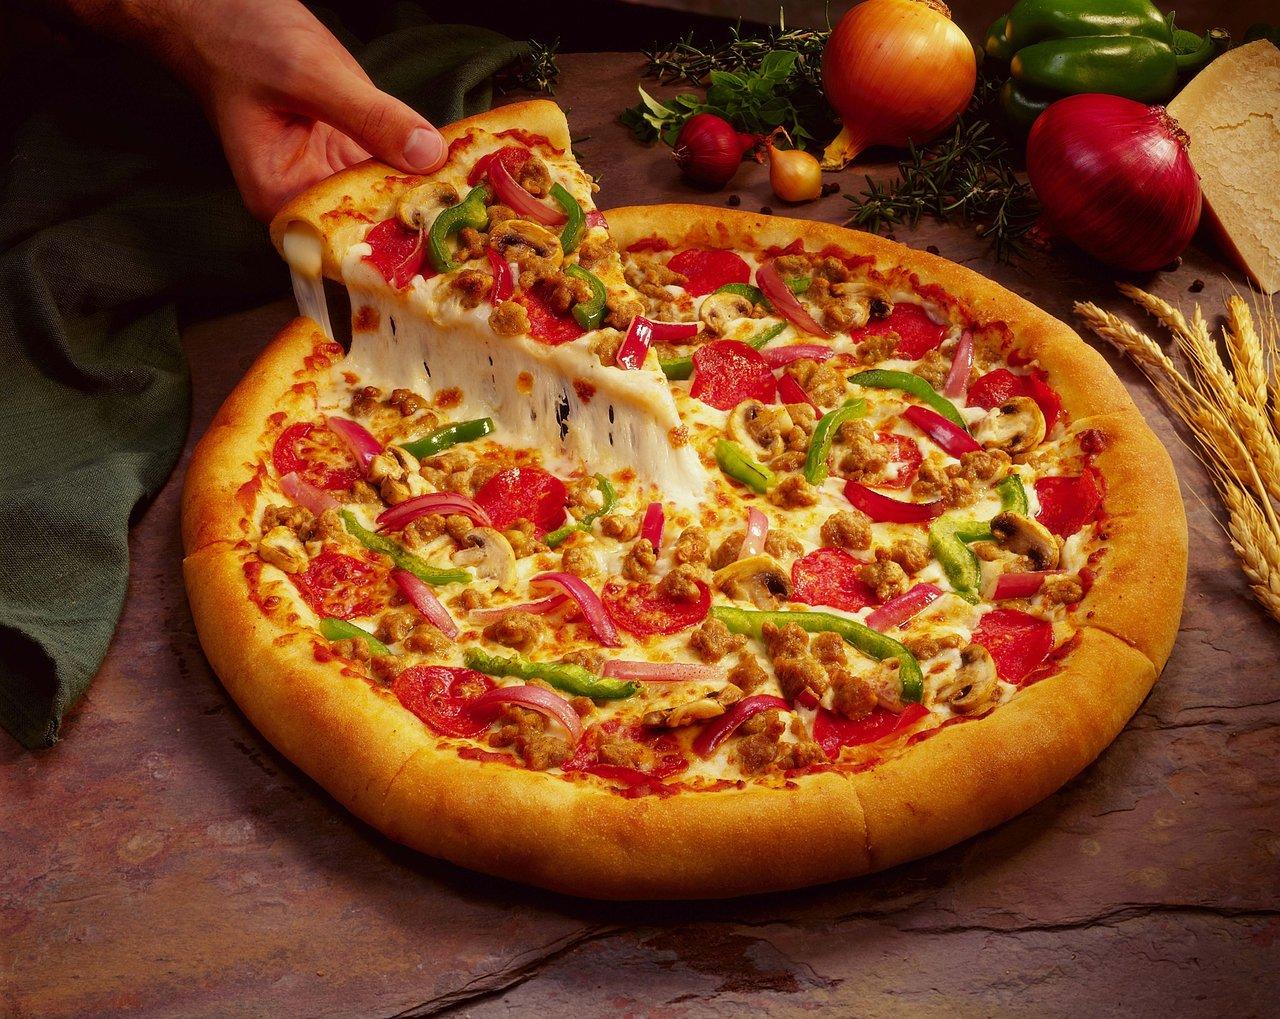 Ваши отзывы: Пицца в Коломне. Рейтинг коломенских пиццерий. Опрос-справка.